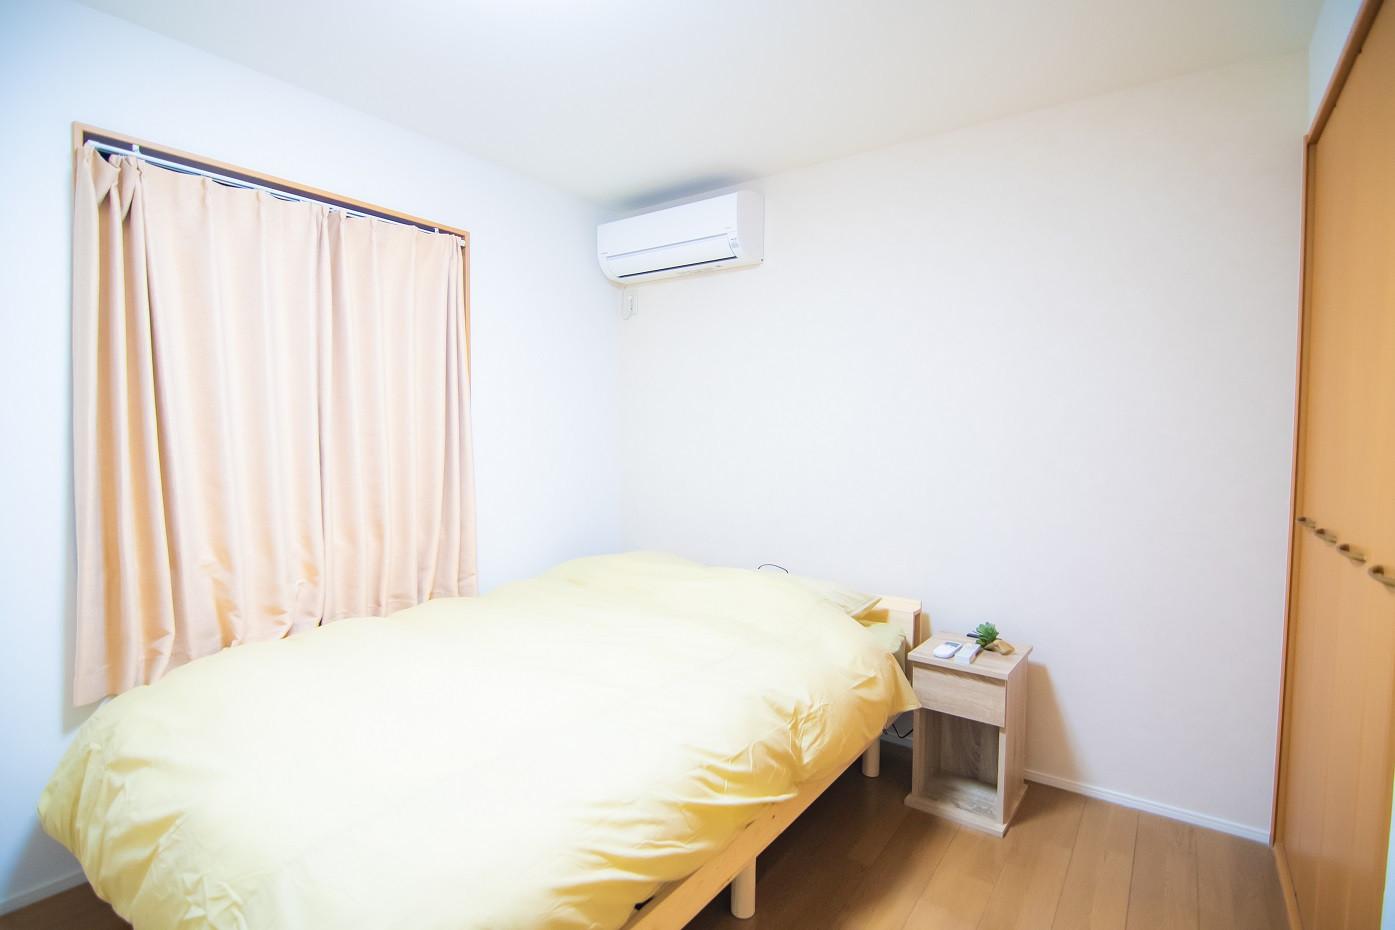 Location 南品川 寝室5.jpg